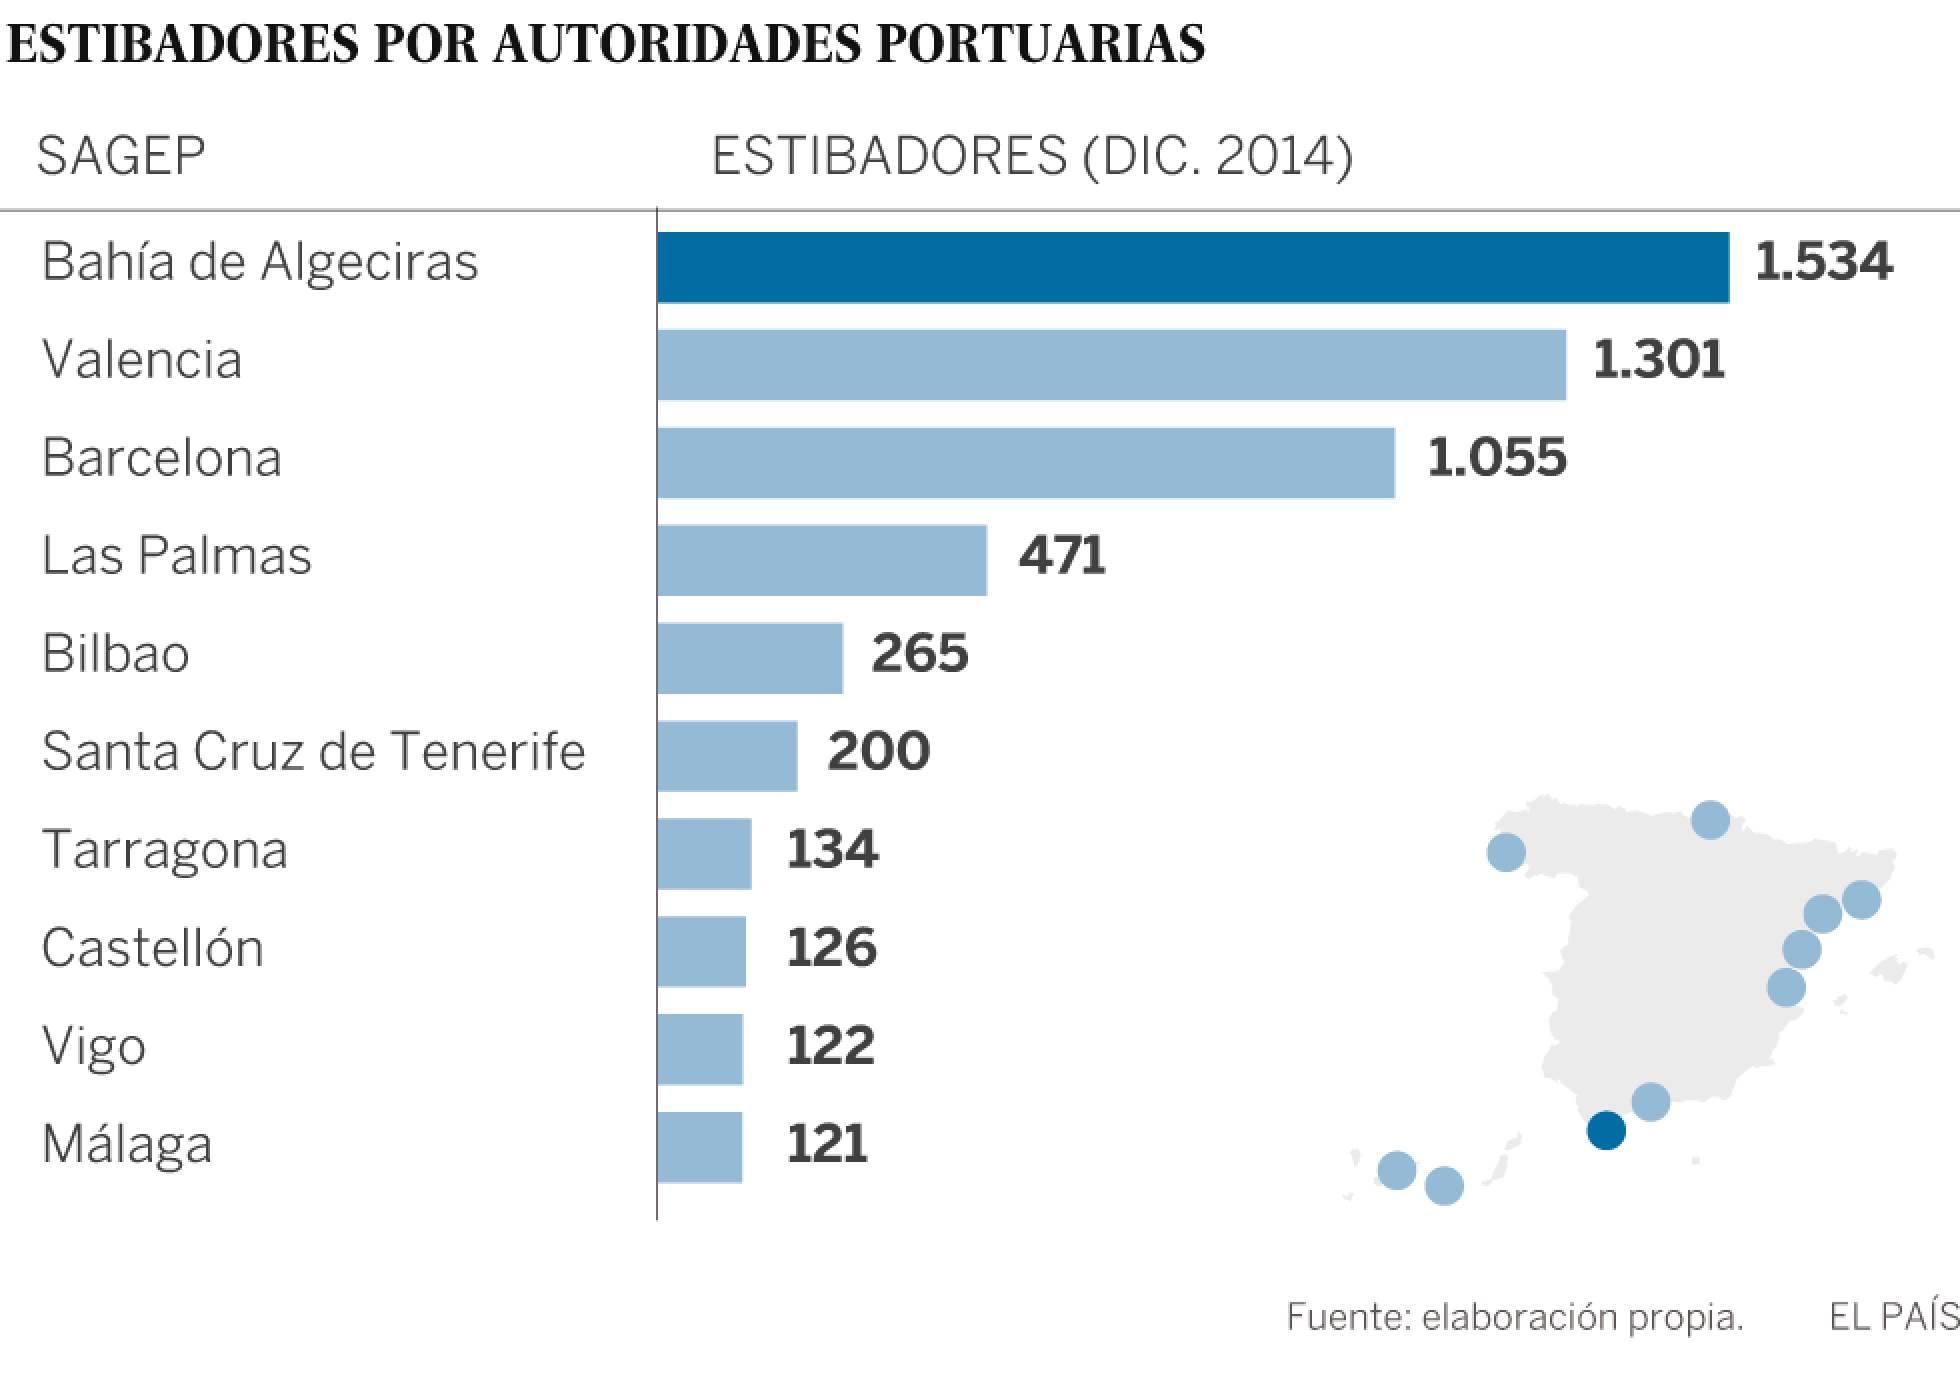 Estibadores portuarios.  El sindicalismo  democrático ayuda al  capital. 1486119293_753807_1486135870_sumario_normal_recorte1